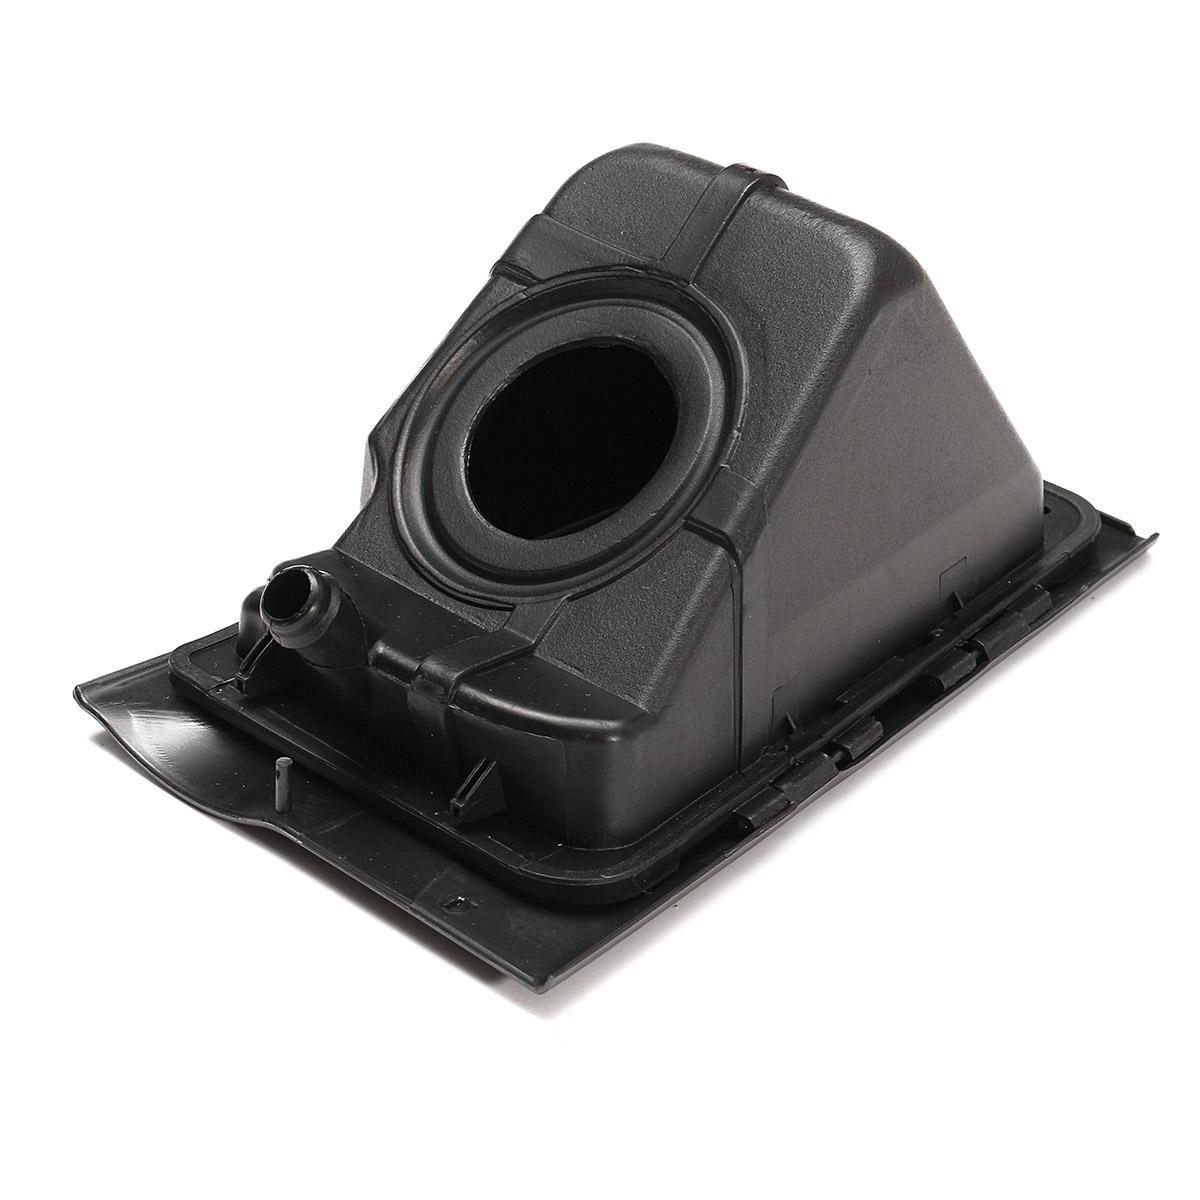 online buy wholesale fuel filler hose from china fuel filler hose wholesalers. Black Bedroom Furniture Sets. Home Design Ideas